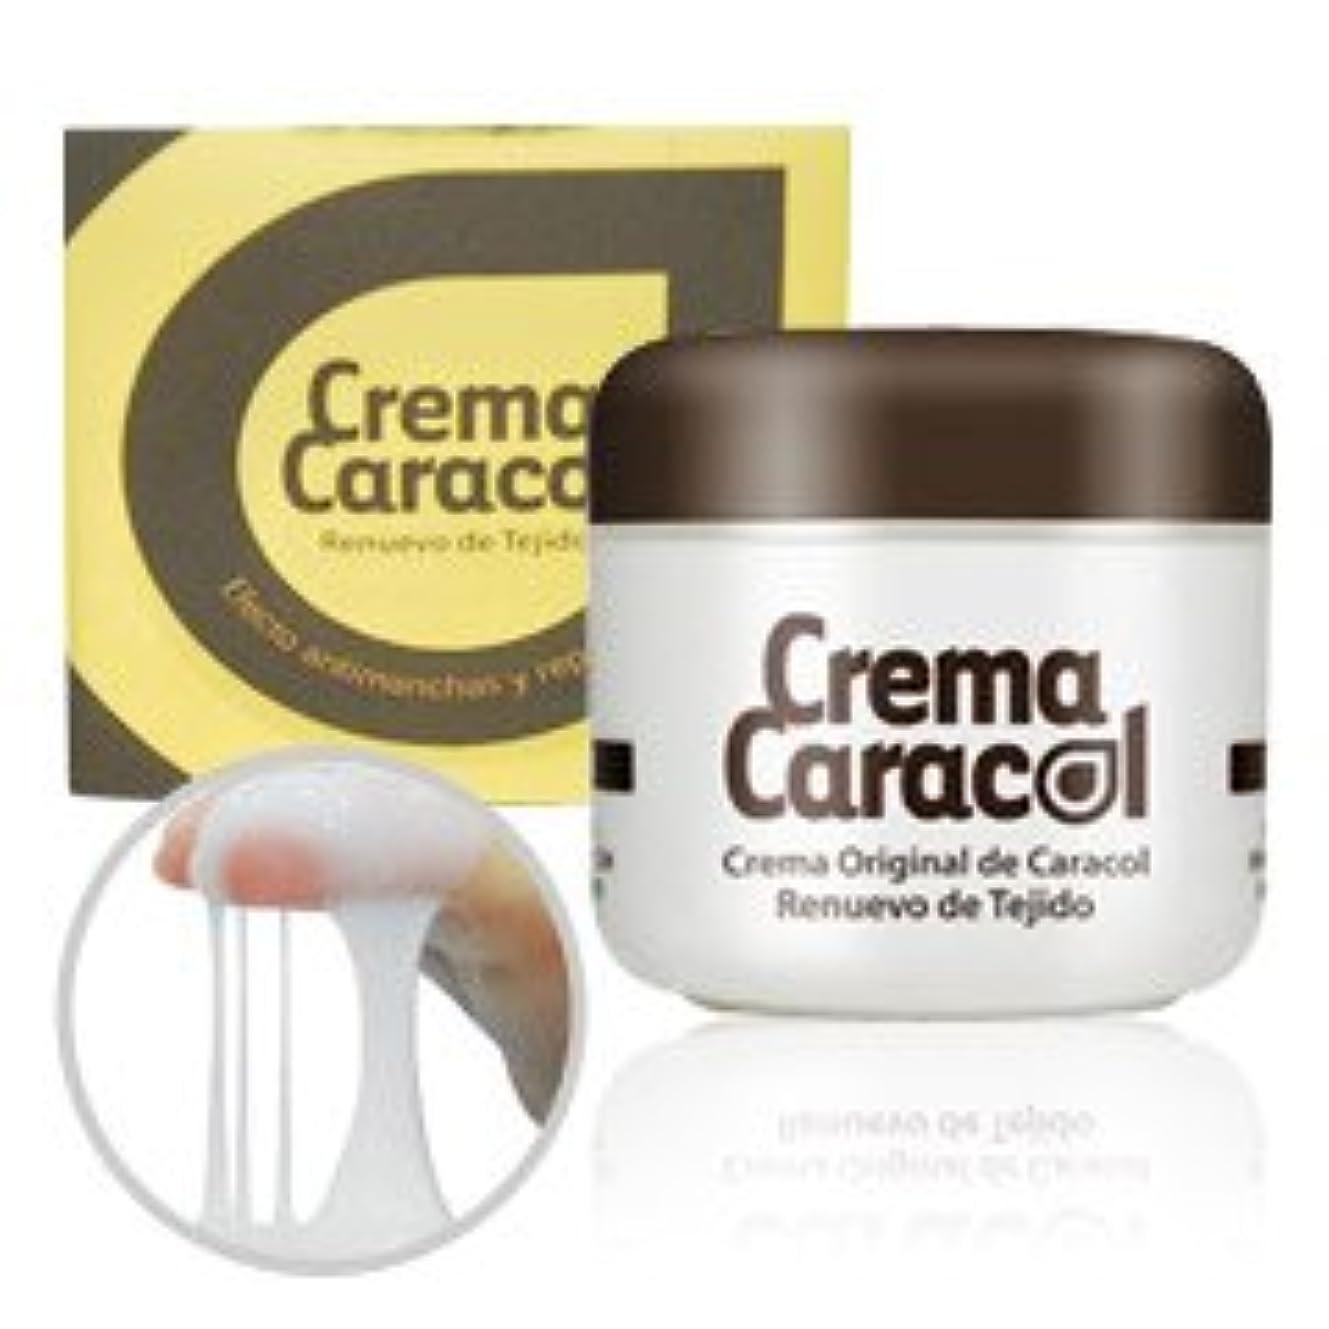 ラッドヤードキップリング偉業皿crema caracol(カラコール) かたつむりクリーム 3個セット